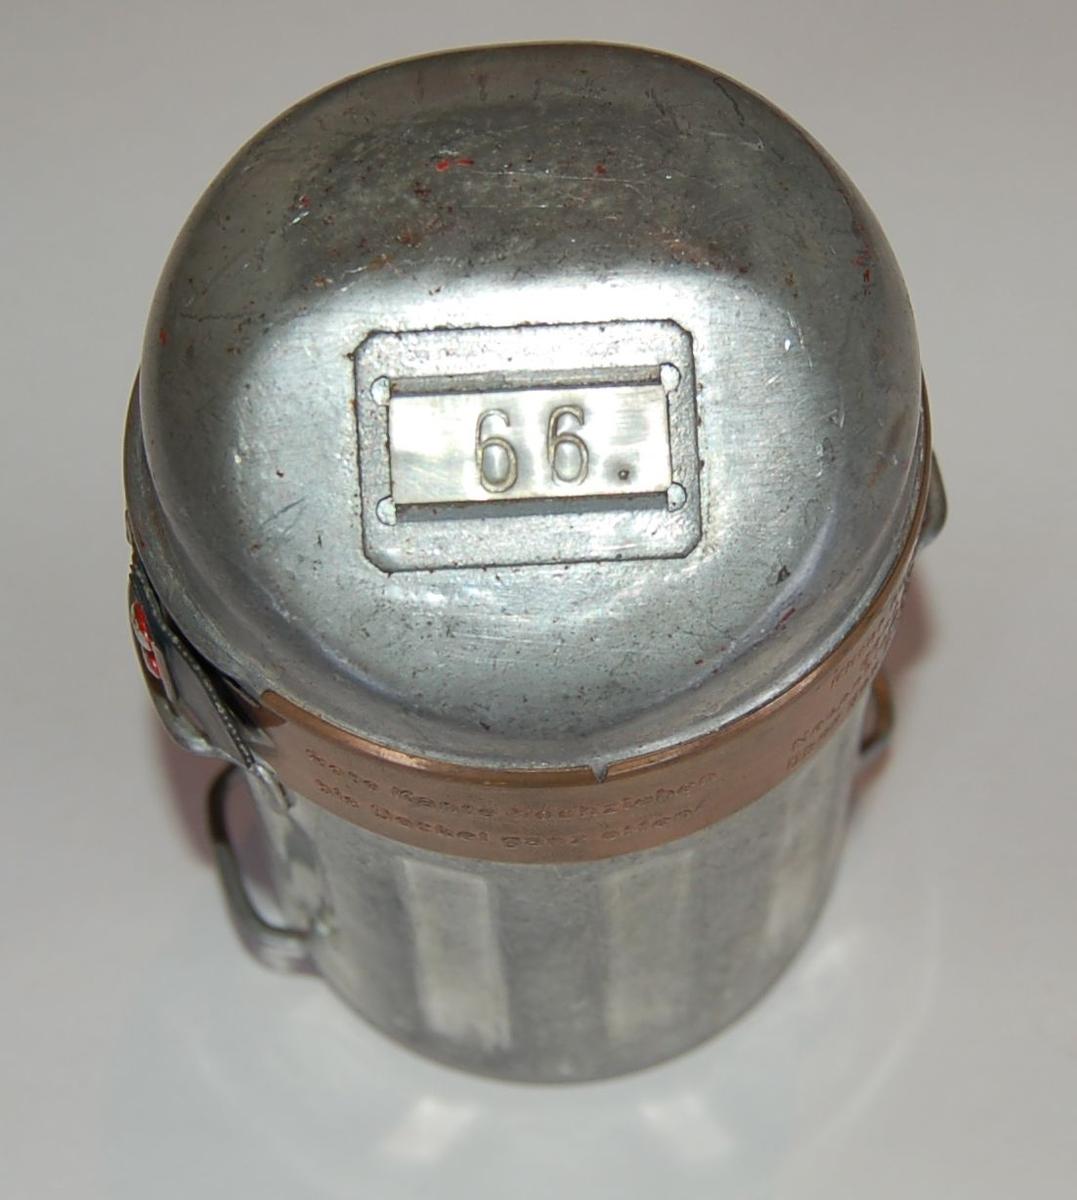 Sylindrisk metallboks inneholdende maske til bruk for å redde seg ut av gruva i tilfelle gass. Lokk med feste for nummerskilt, beltefester på sidene. Lokket er festet med et strammeband av kobber.